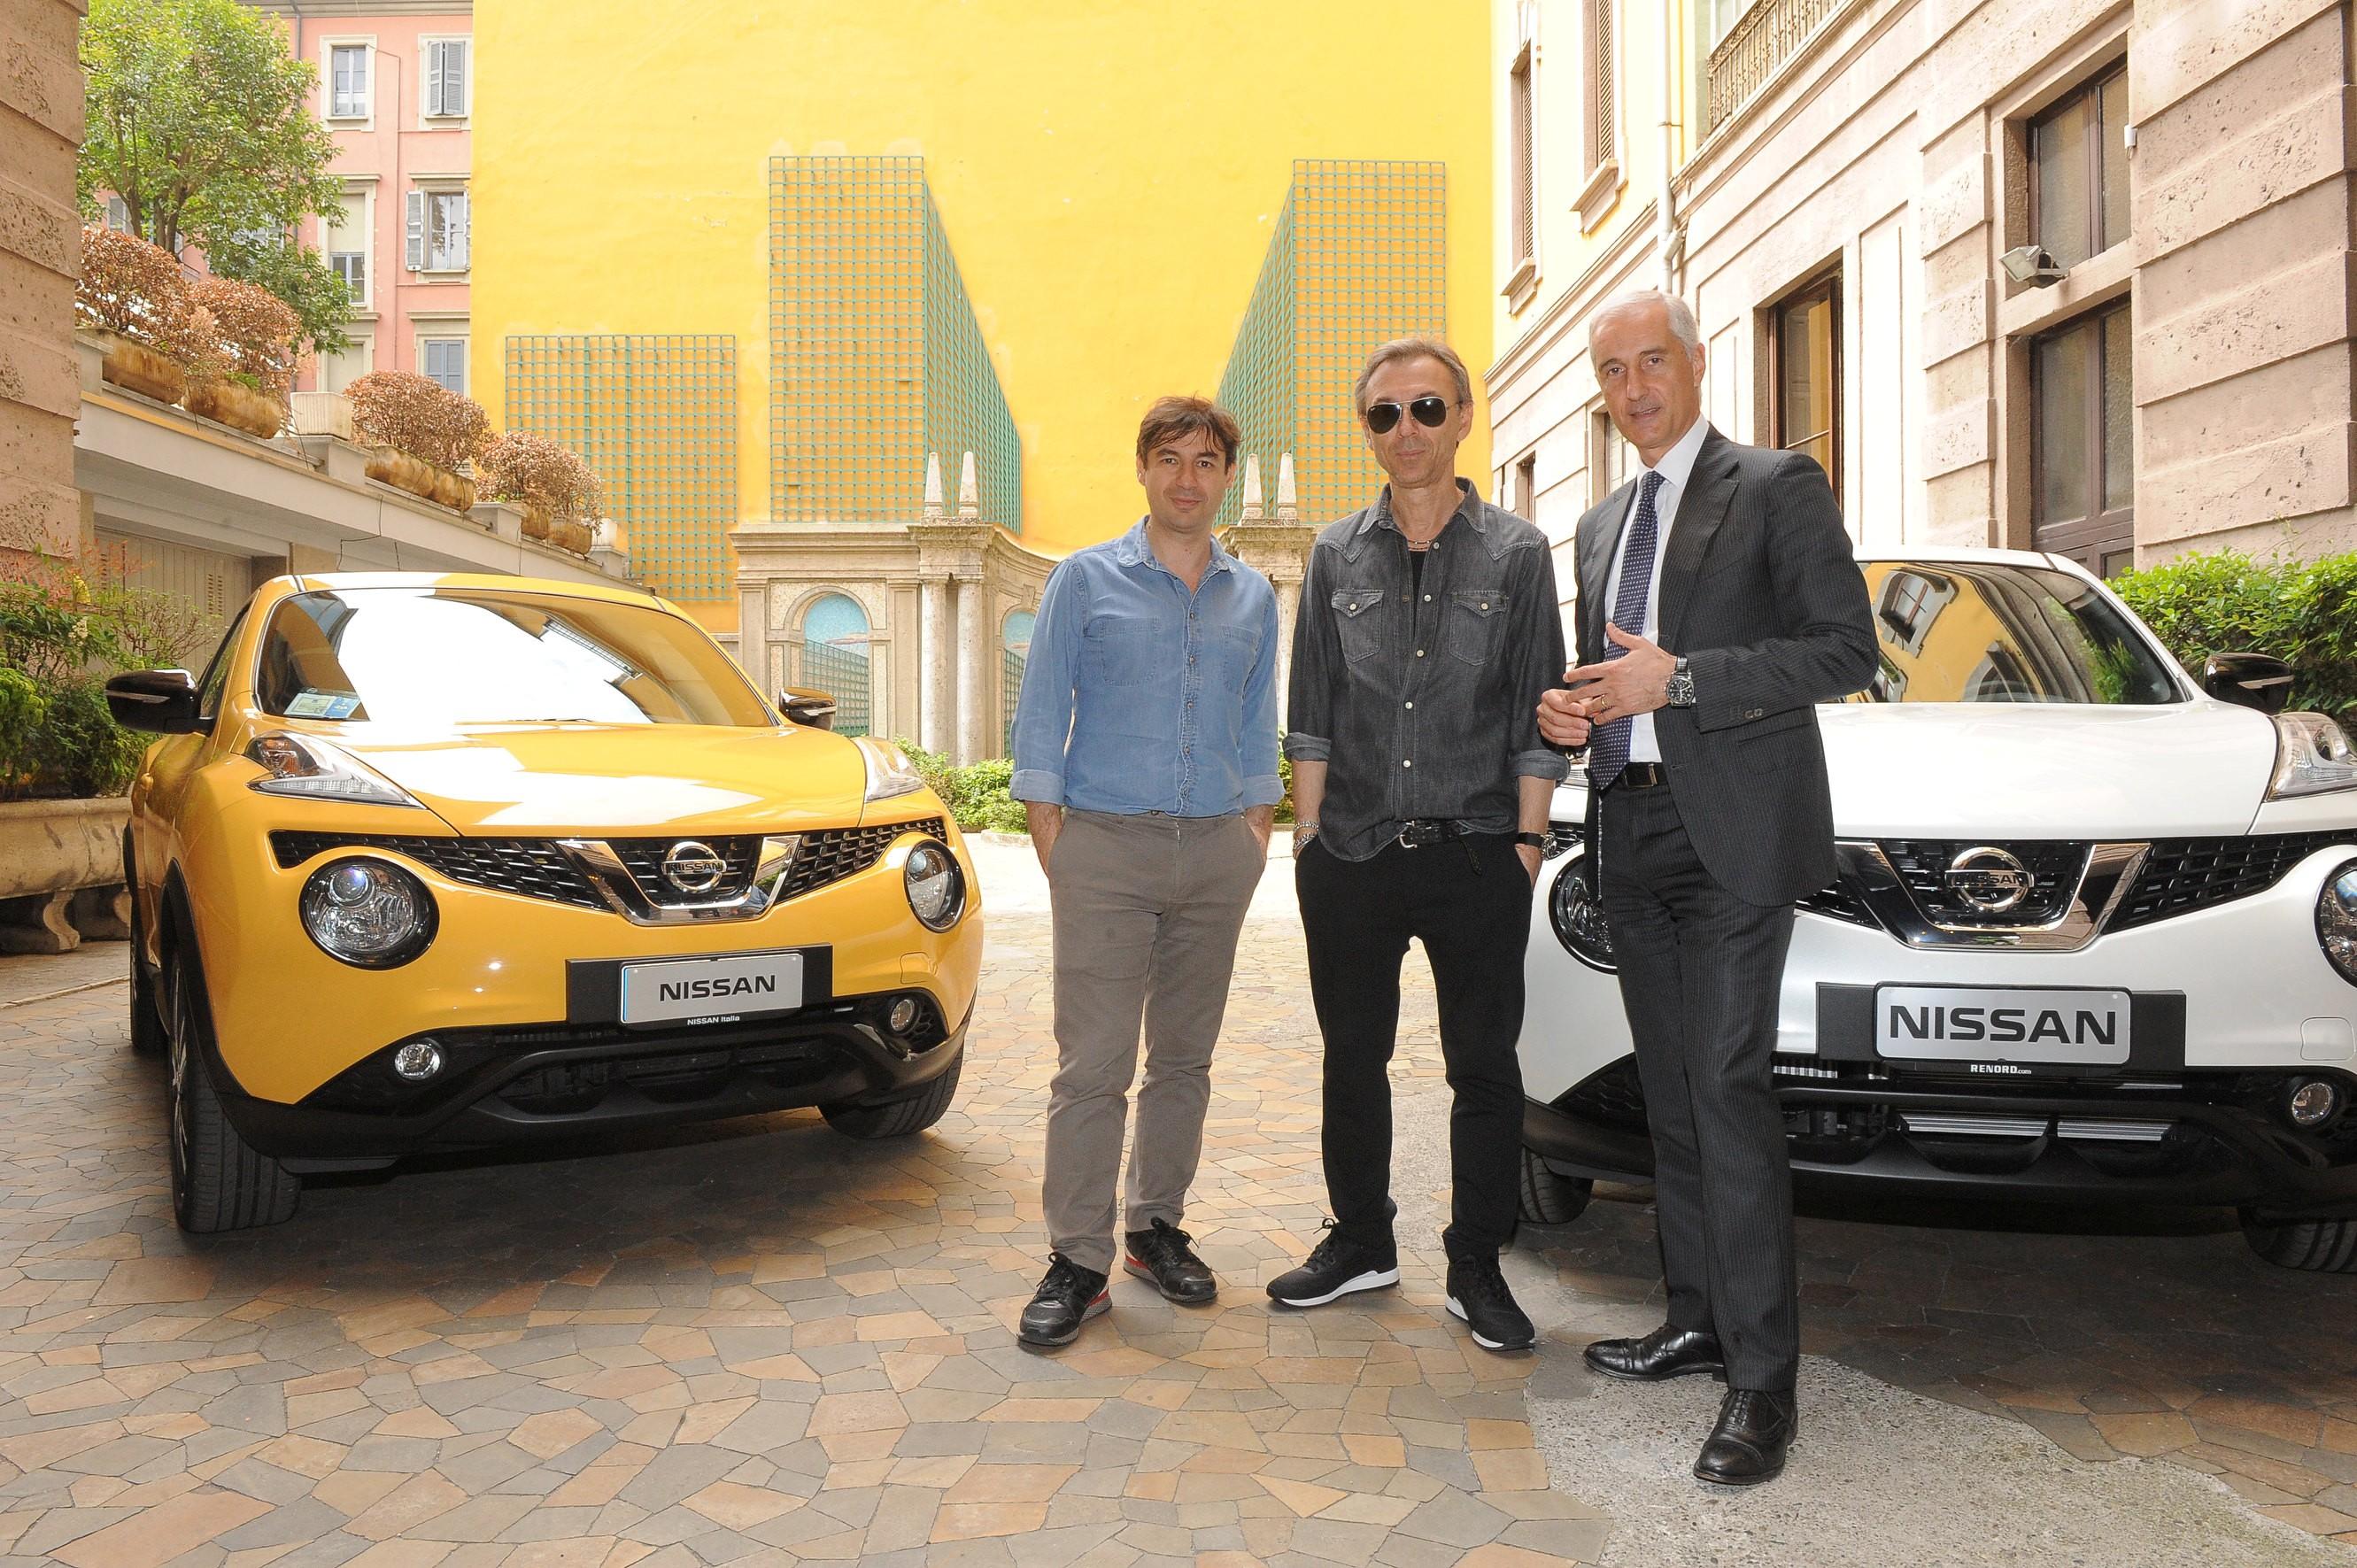 Nissan Juke e Albertino tracciano i suoni della città